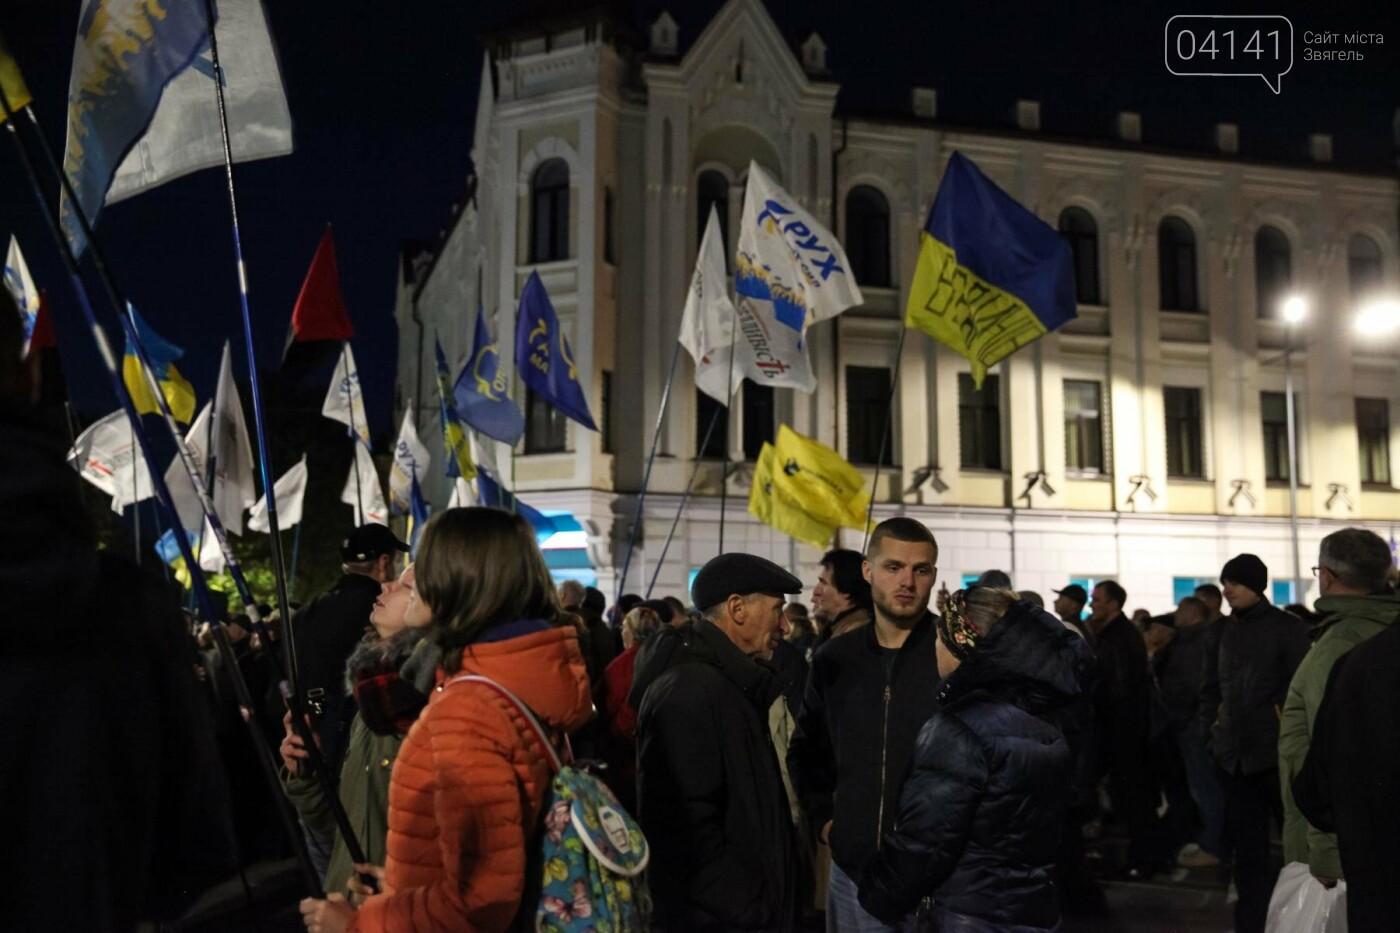 «Ми кажемо цій владі, що так не має бути і розповідаємо як бути повинно », - Наливайченко під час зустрічі в Житомирі, фото-5